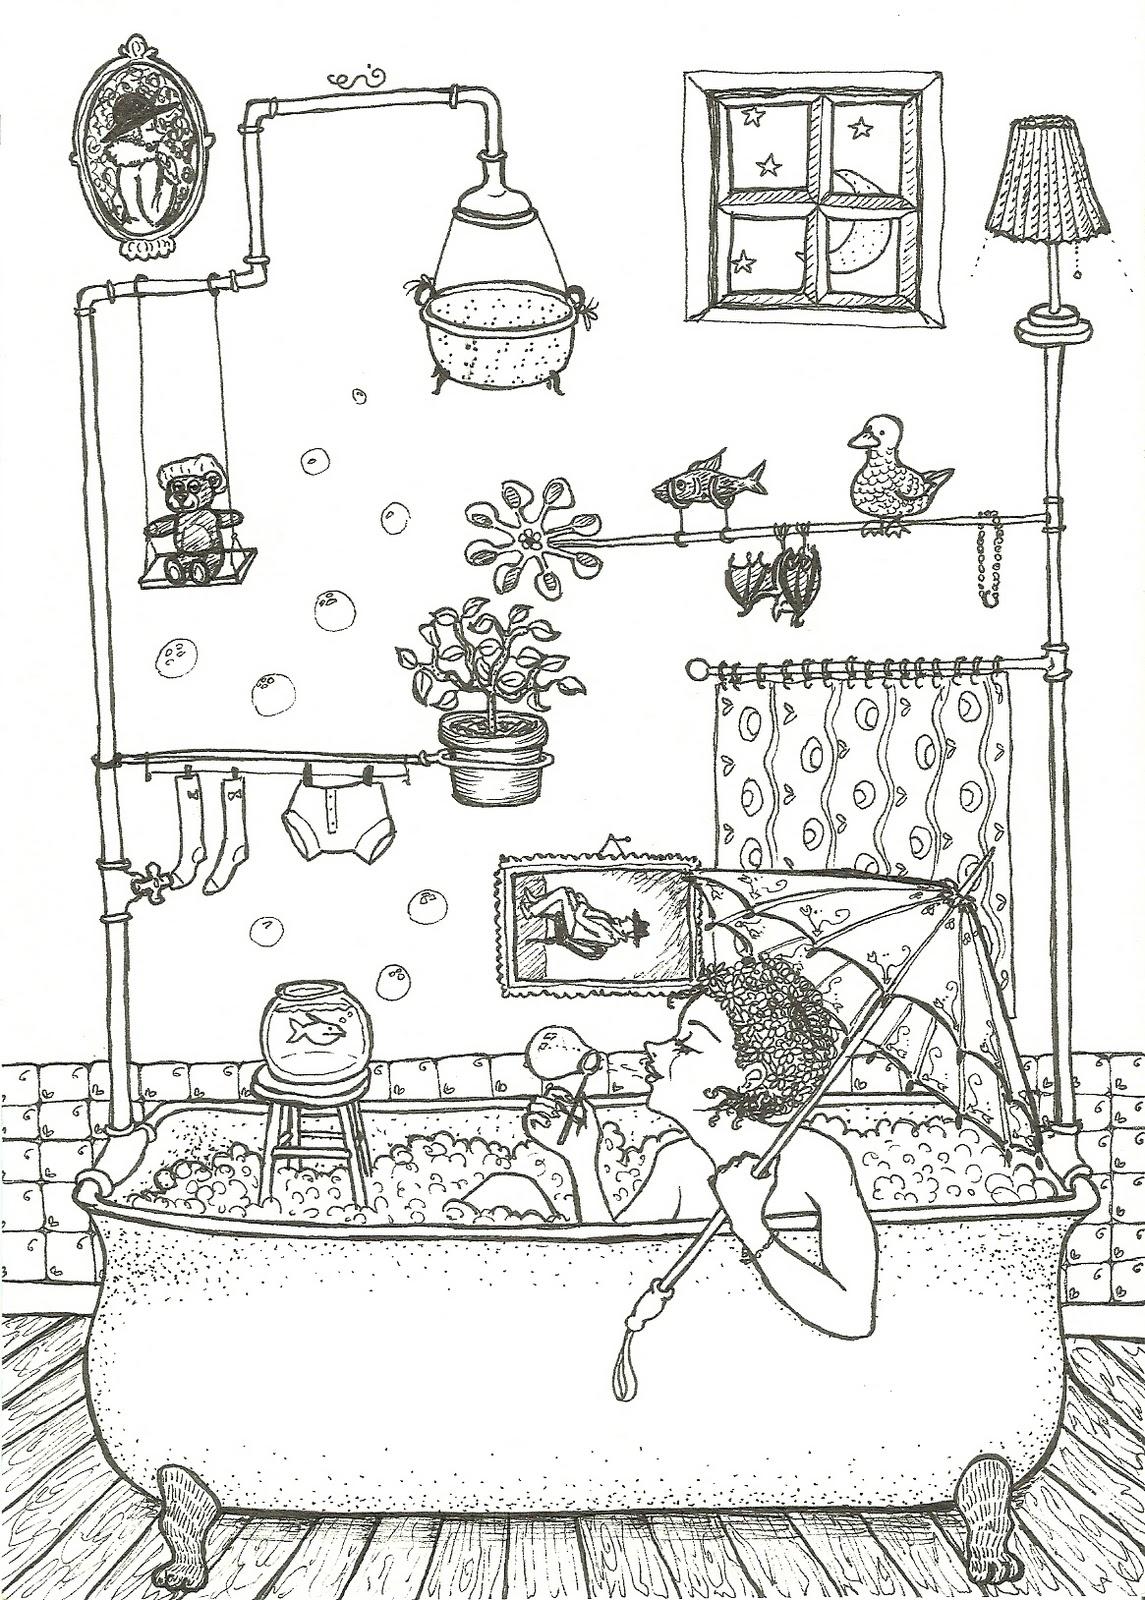 Margherita disegna...: ...una comune vasca da bagno.